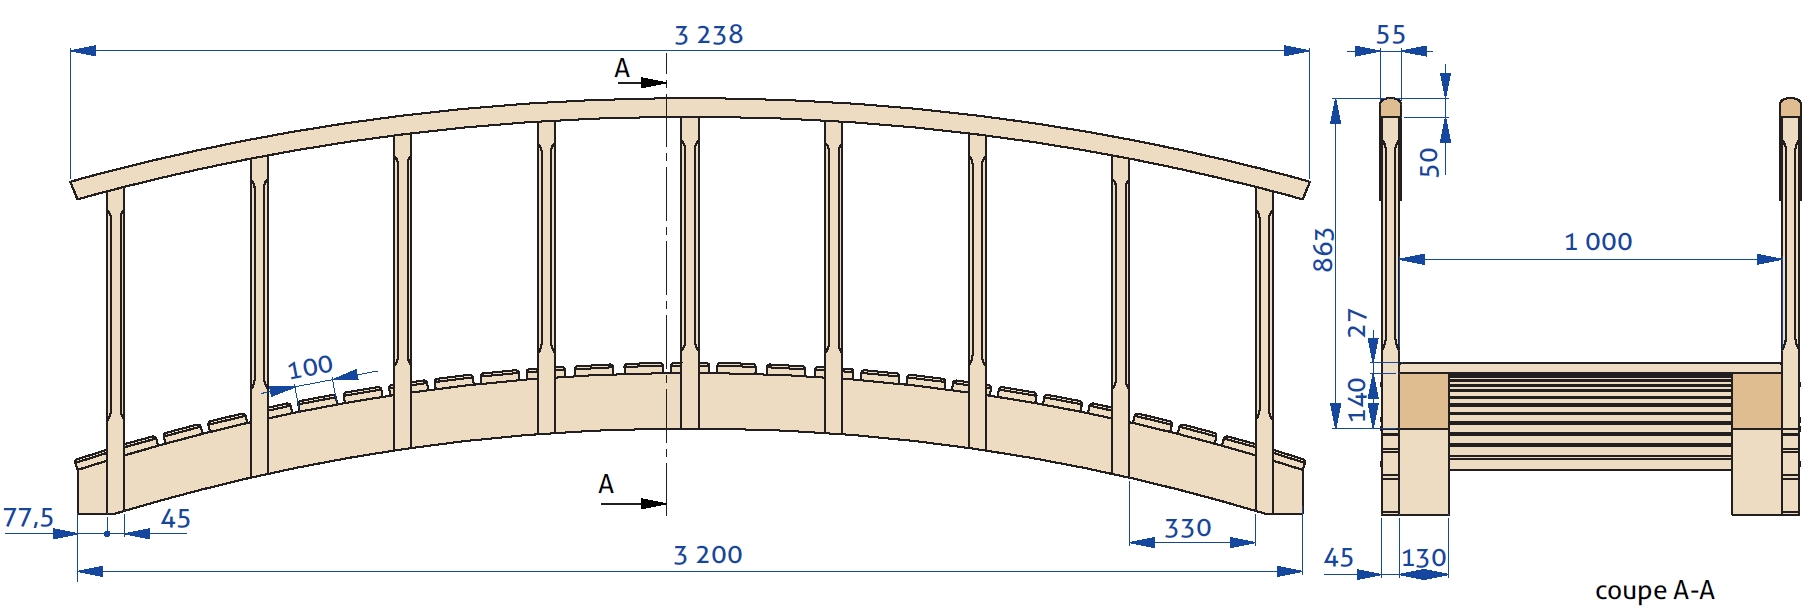 Fabriquer Un Petit Pont De Bois un petit pont japonais | bois+ le bouvet